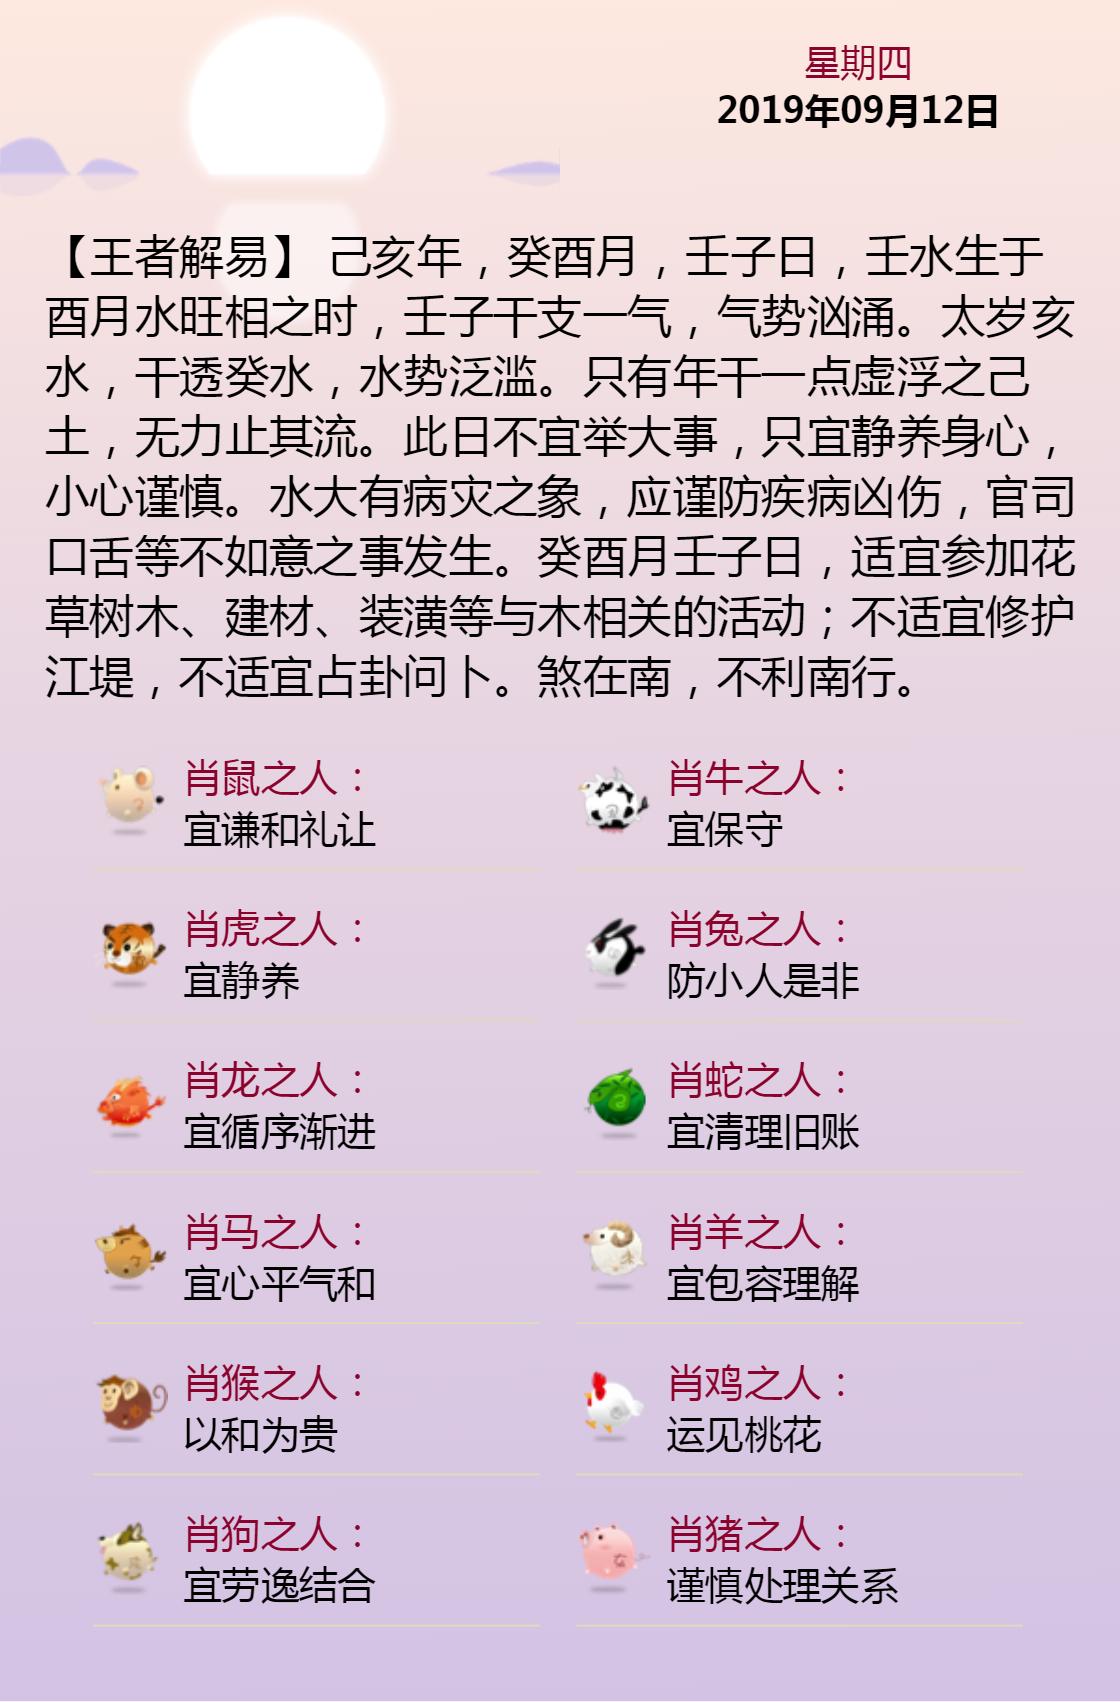 黄历海报20190912.png